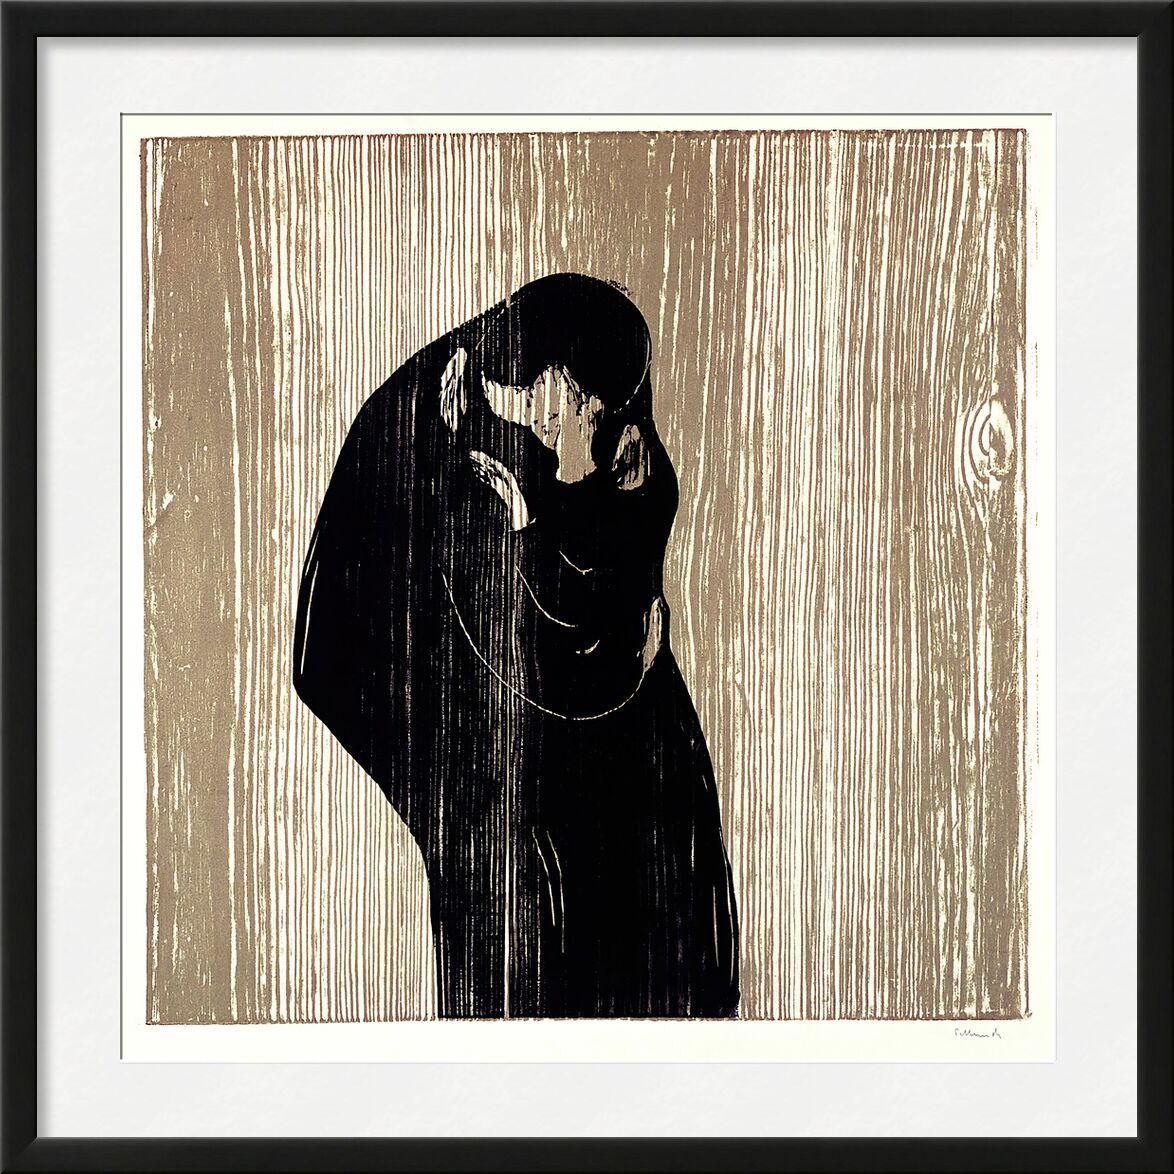 Kuss IV - Edvard Munch von AUX BEAUX-ARTS, Prodi Art, Frau, Mann, Kuss, Zeichnung, Edvard Munch